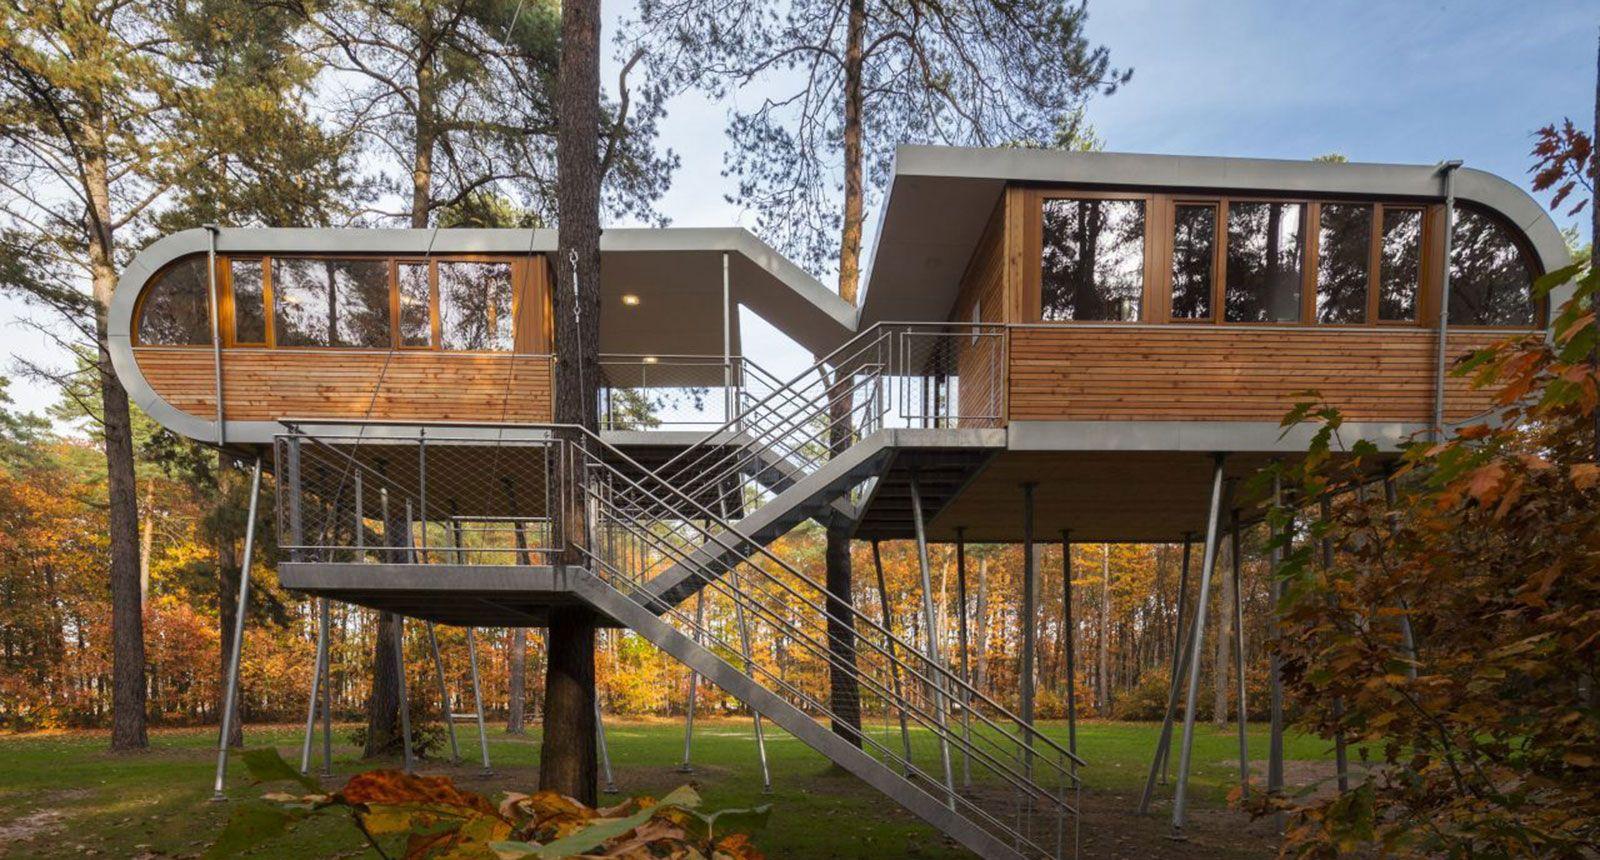 materiais sustentáveis para a arquitetura